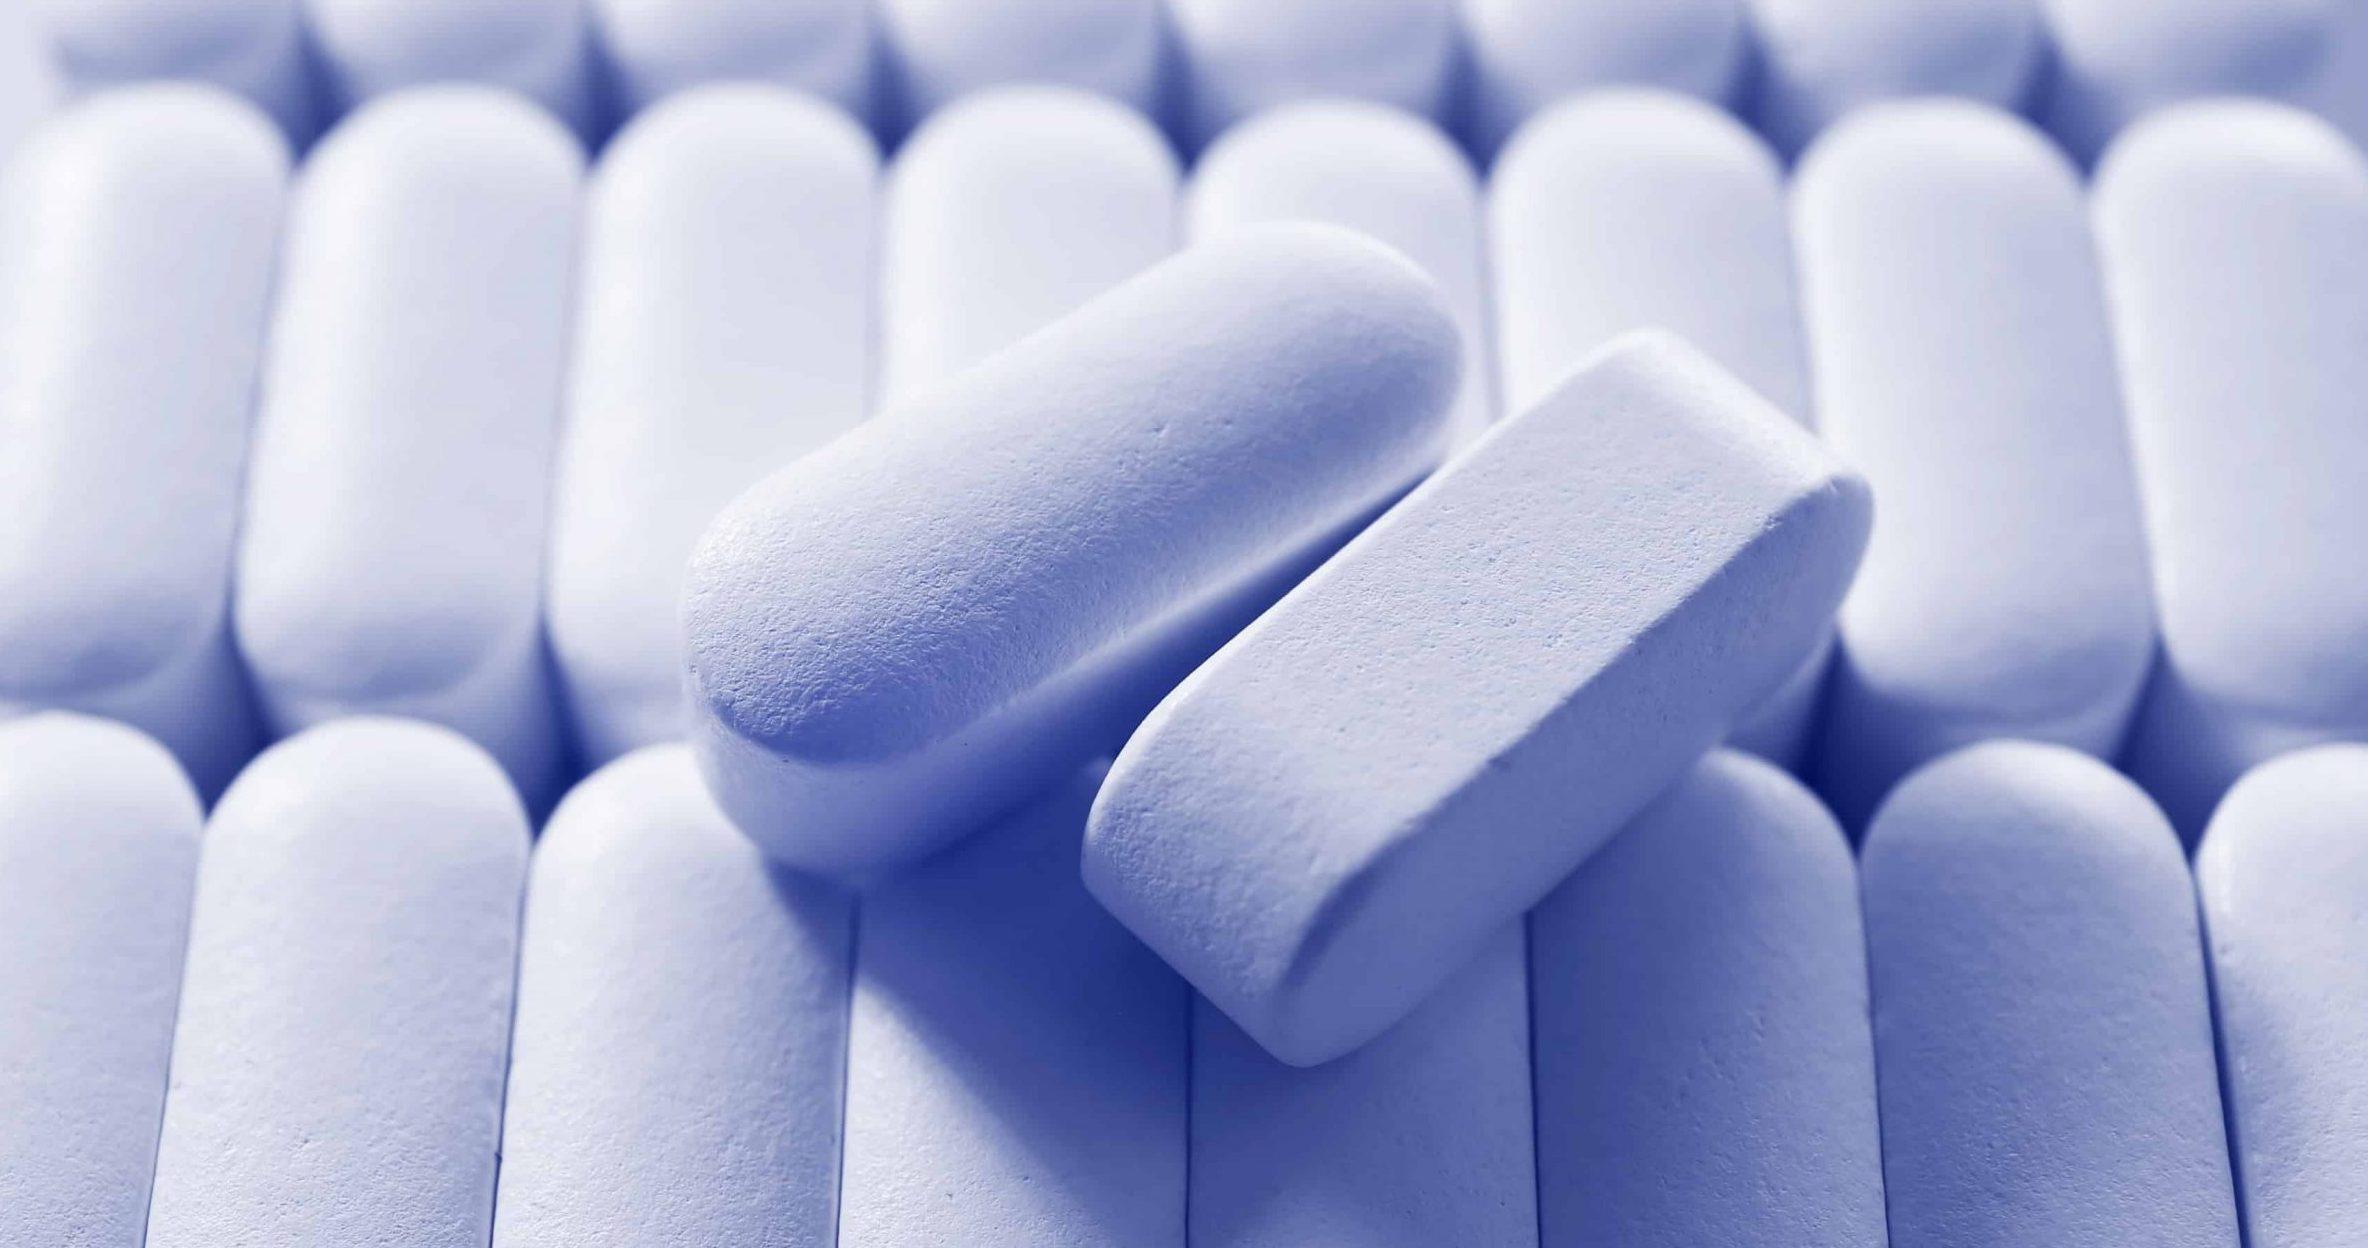 Magnesiumcitraat: Wat zijn de beste magnesiumcitraat-supplementen van 2021?